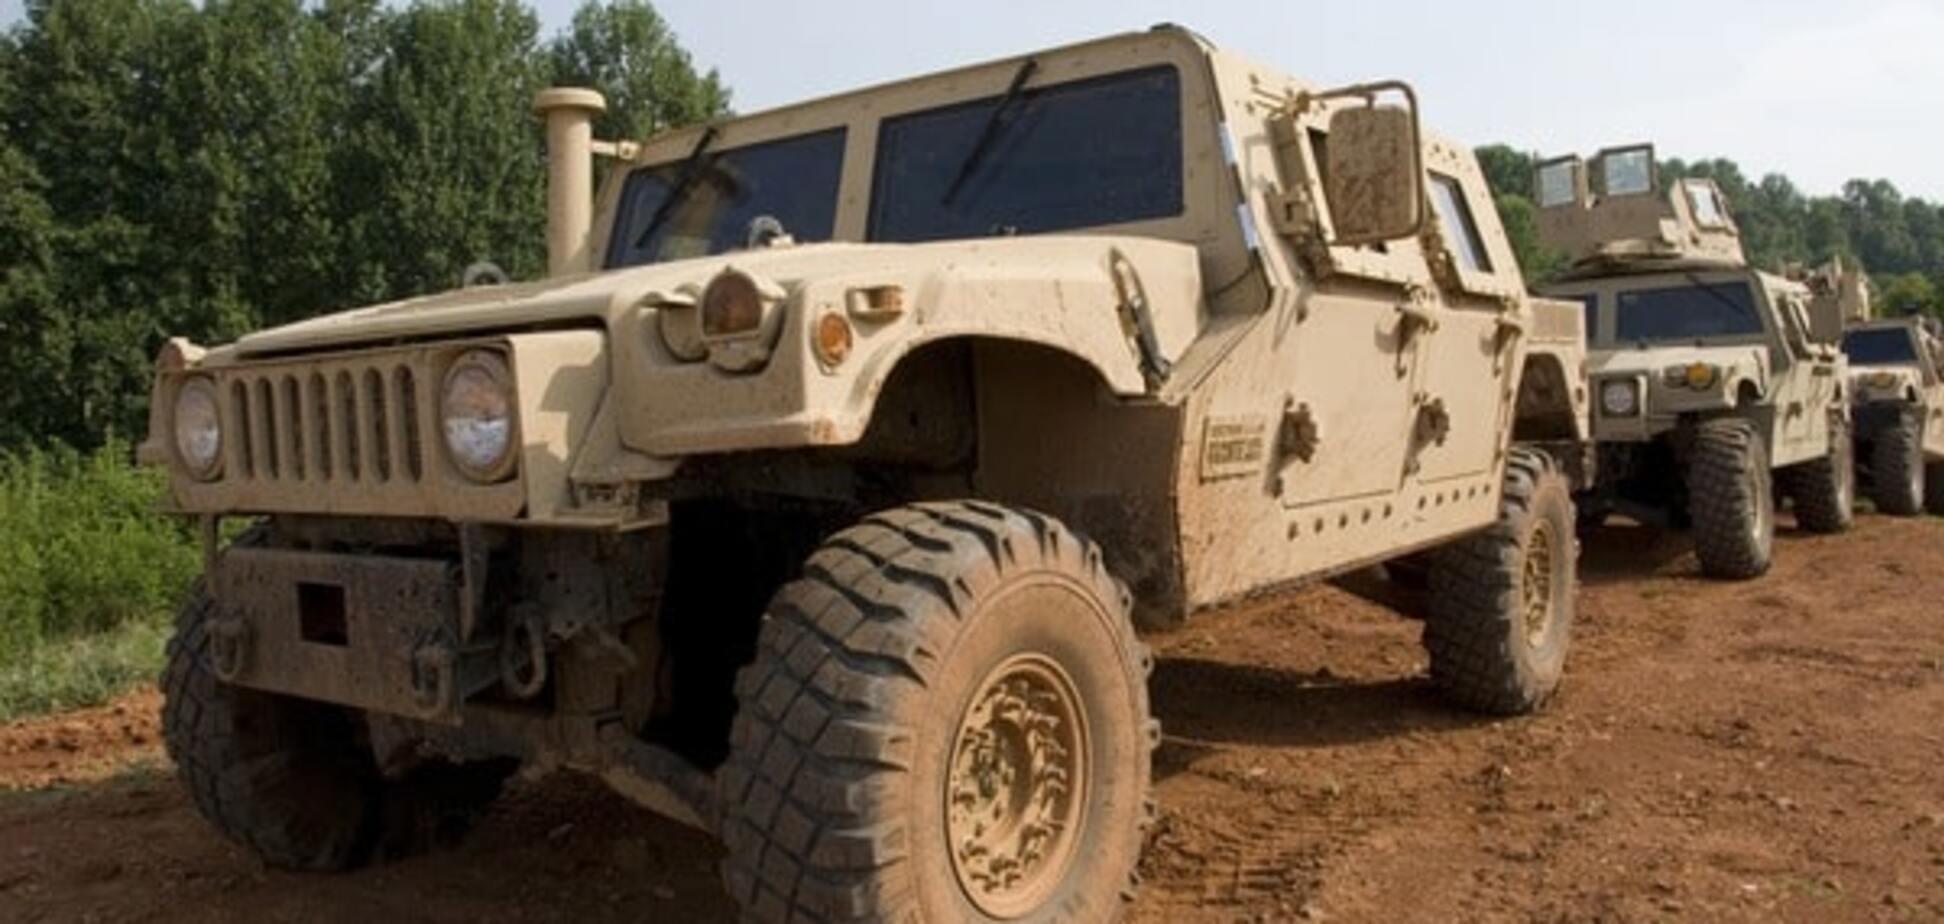 Контракт с США подписан: Украина получила уникальную технологию бронирования внедорожников 'Хамви'